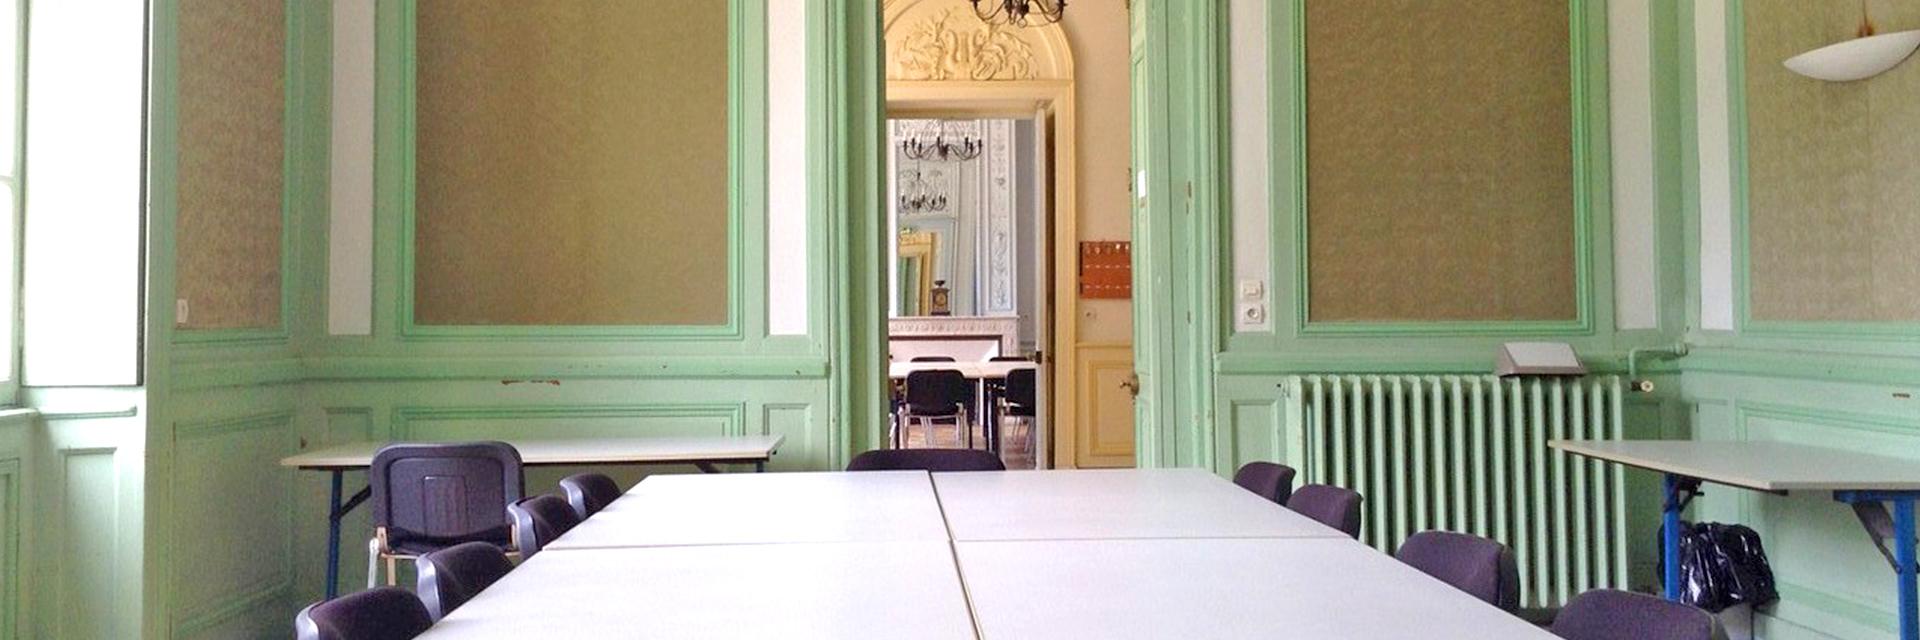 village-vacances-chateau-de-moulerens-salle-de-classe